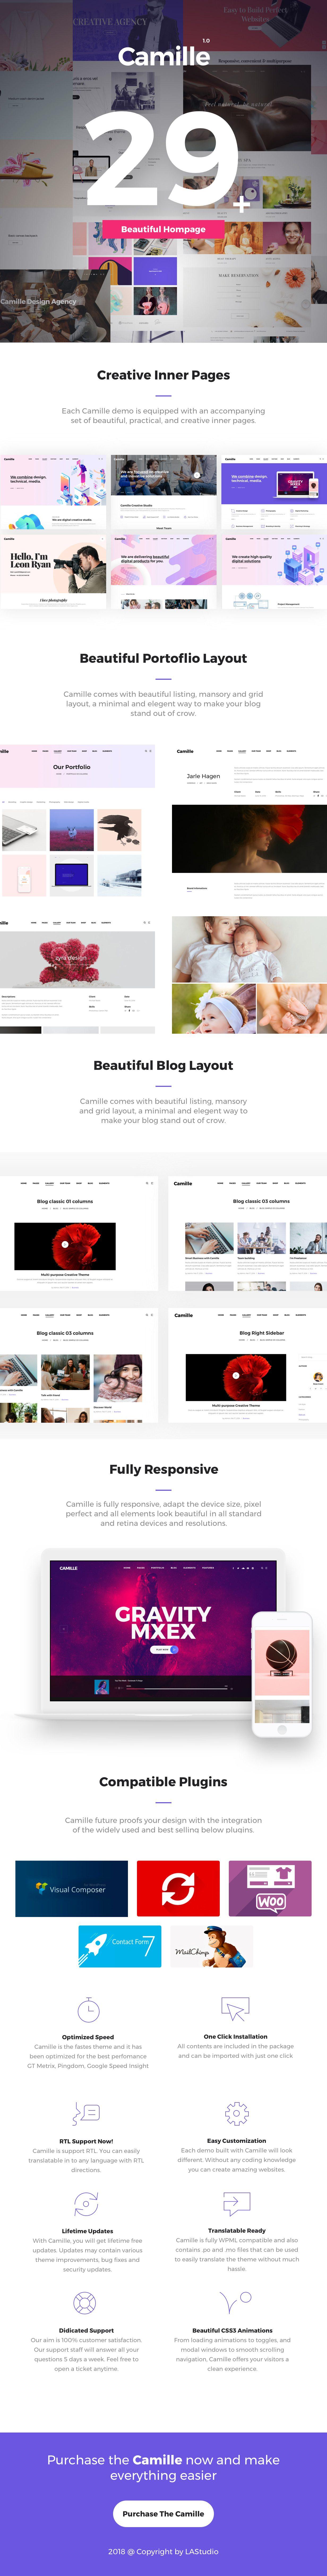 Camille - Multi-Concept WordPress Theme by LA-Studio | ThemeForest